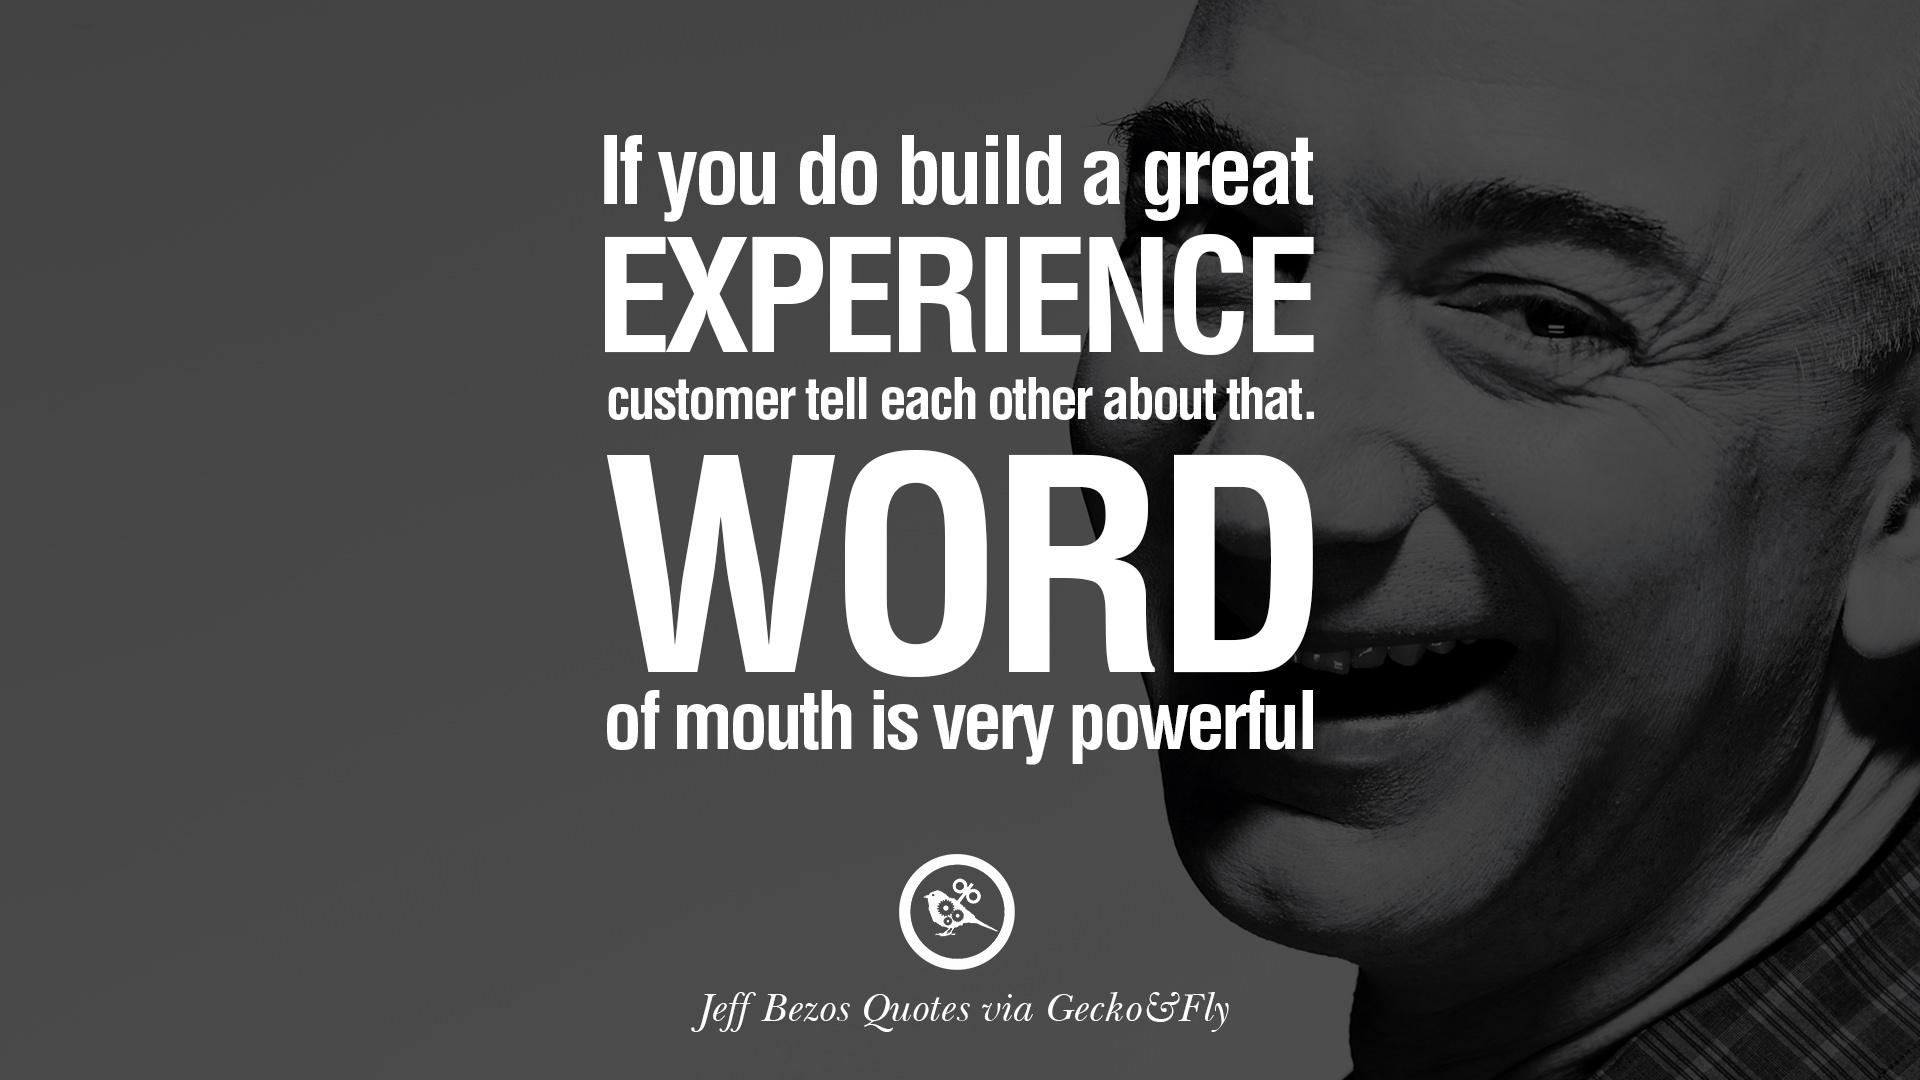 Jeff Bezos: Η διαφάνεια και η απίστευτη δύναμη του πελάτη